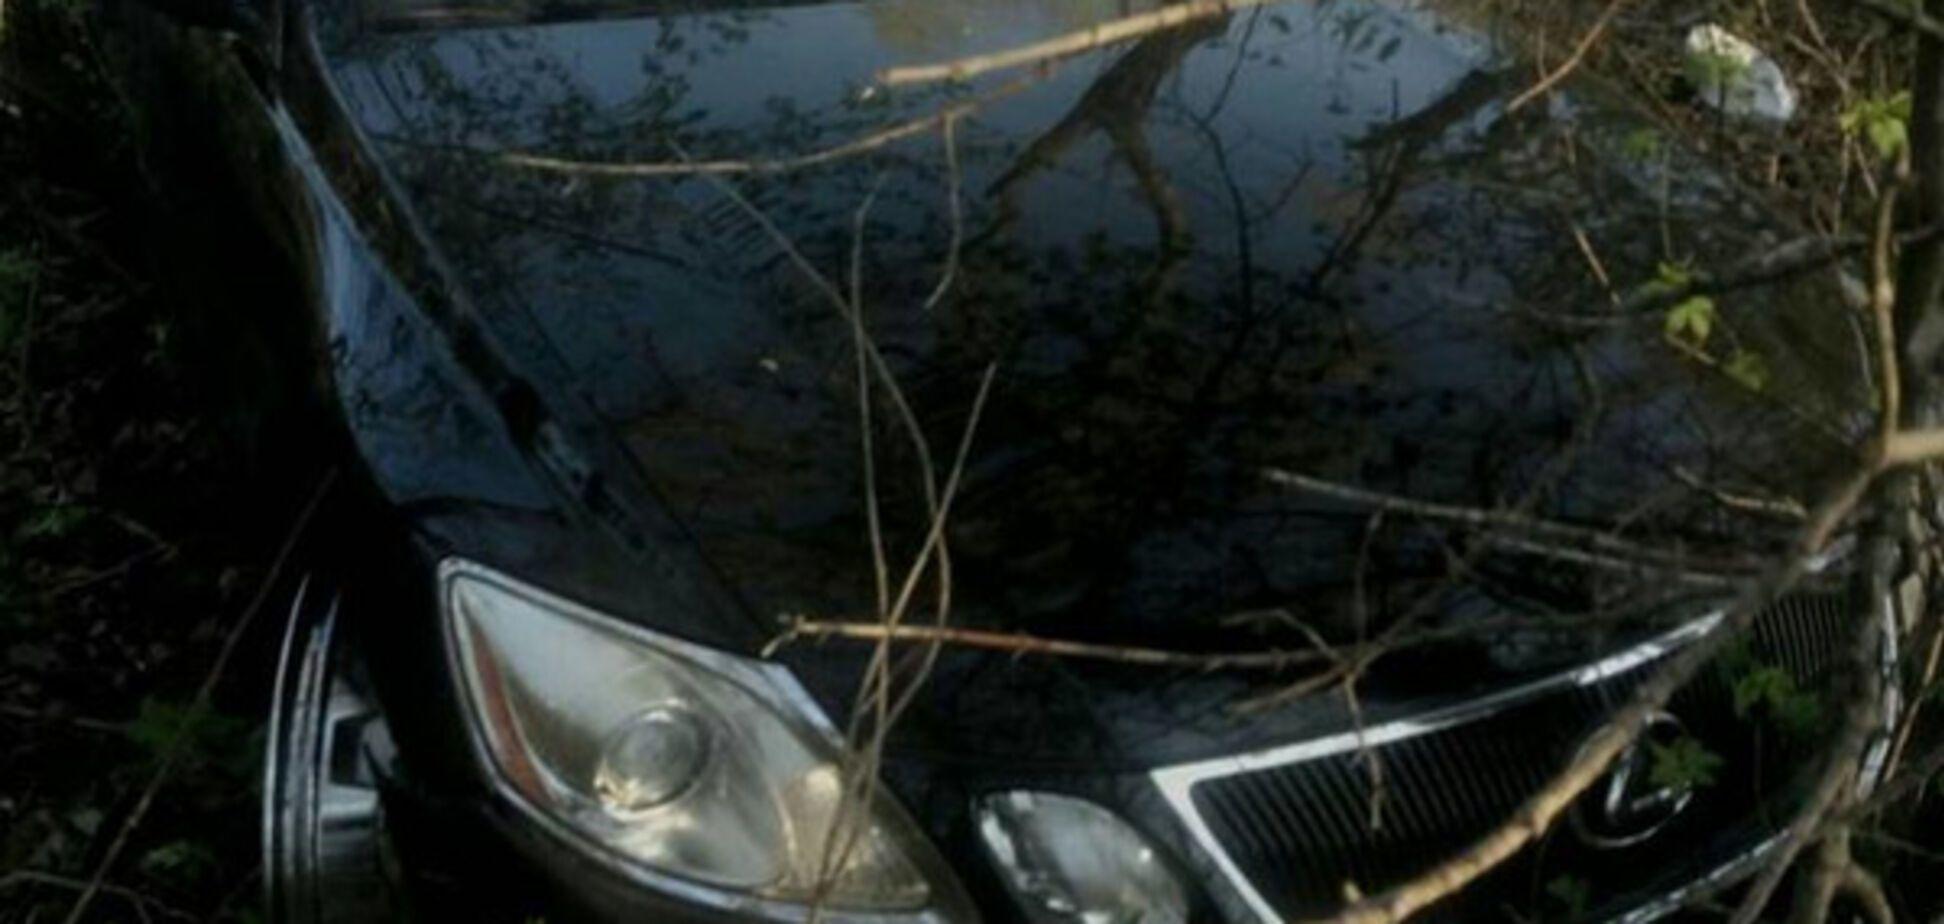 Цена роскоши: запорожец получил удар ножом в живот и лишился шикарного авто (ФОТО)